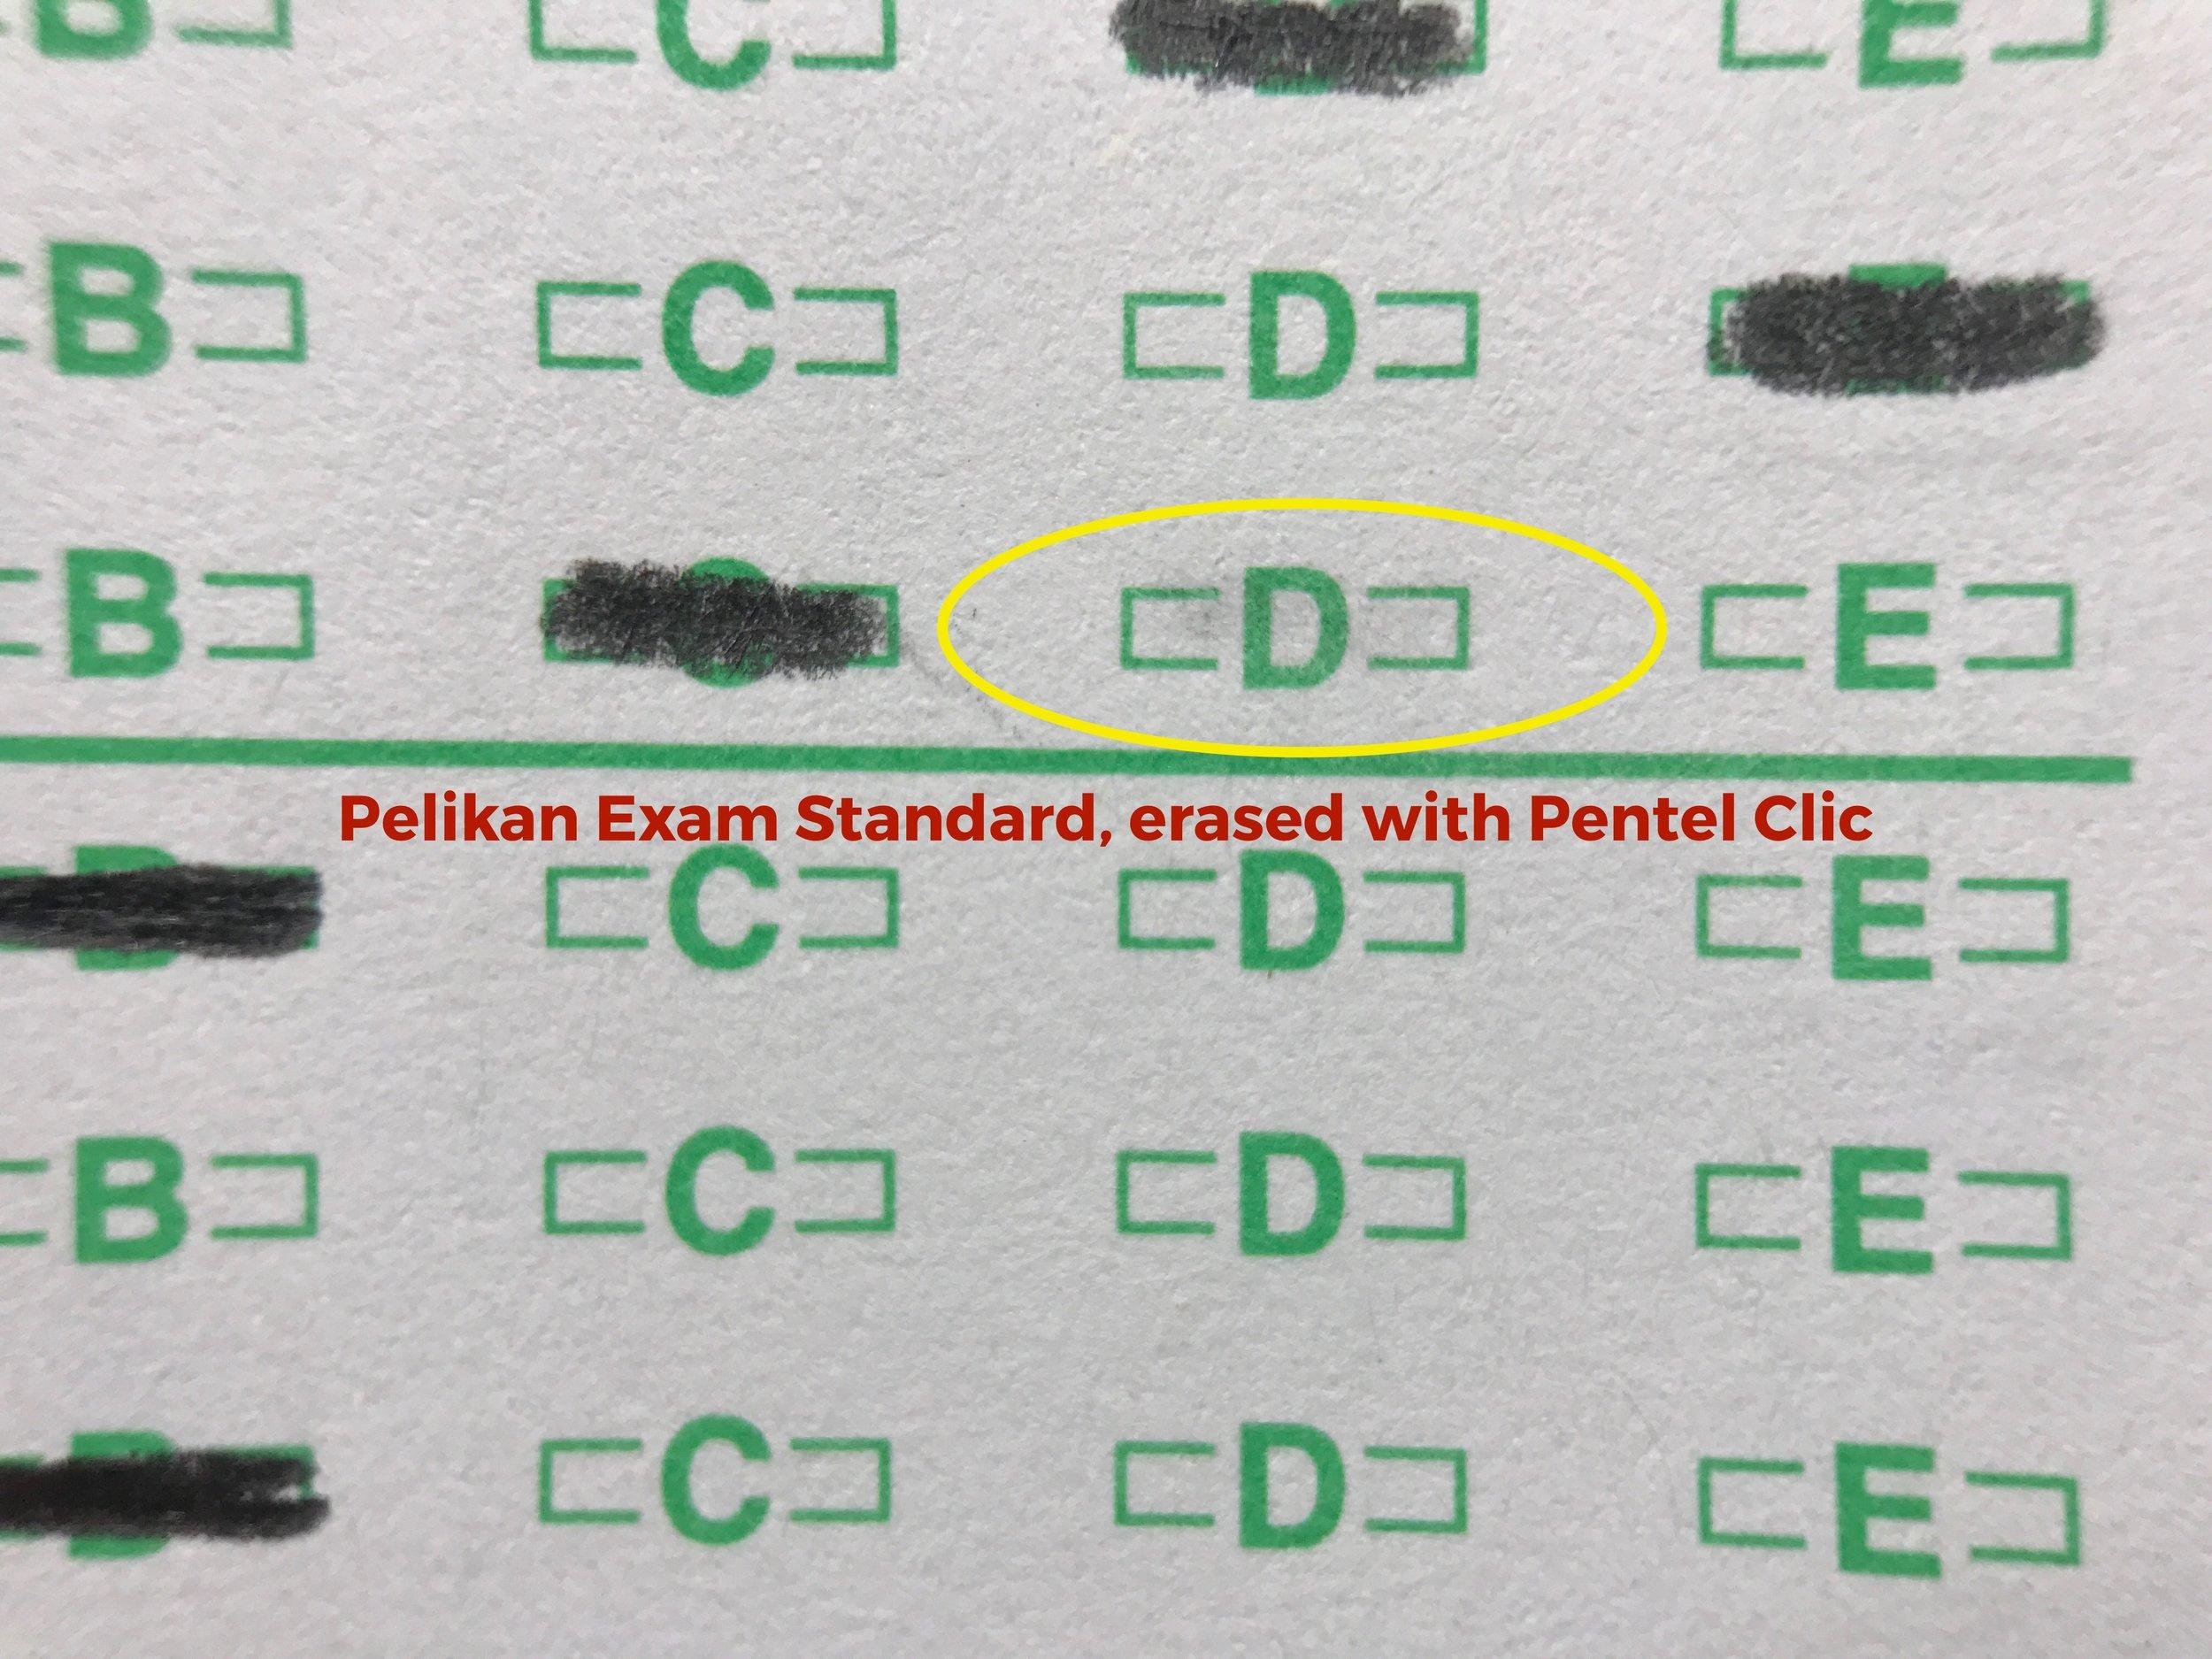 Pelikan-Exam-Standard-Pencil-3.jpg